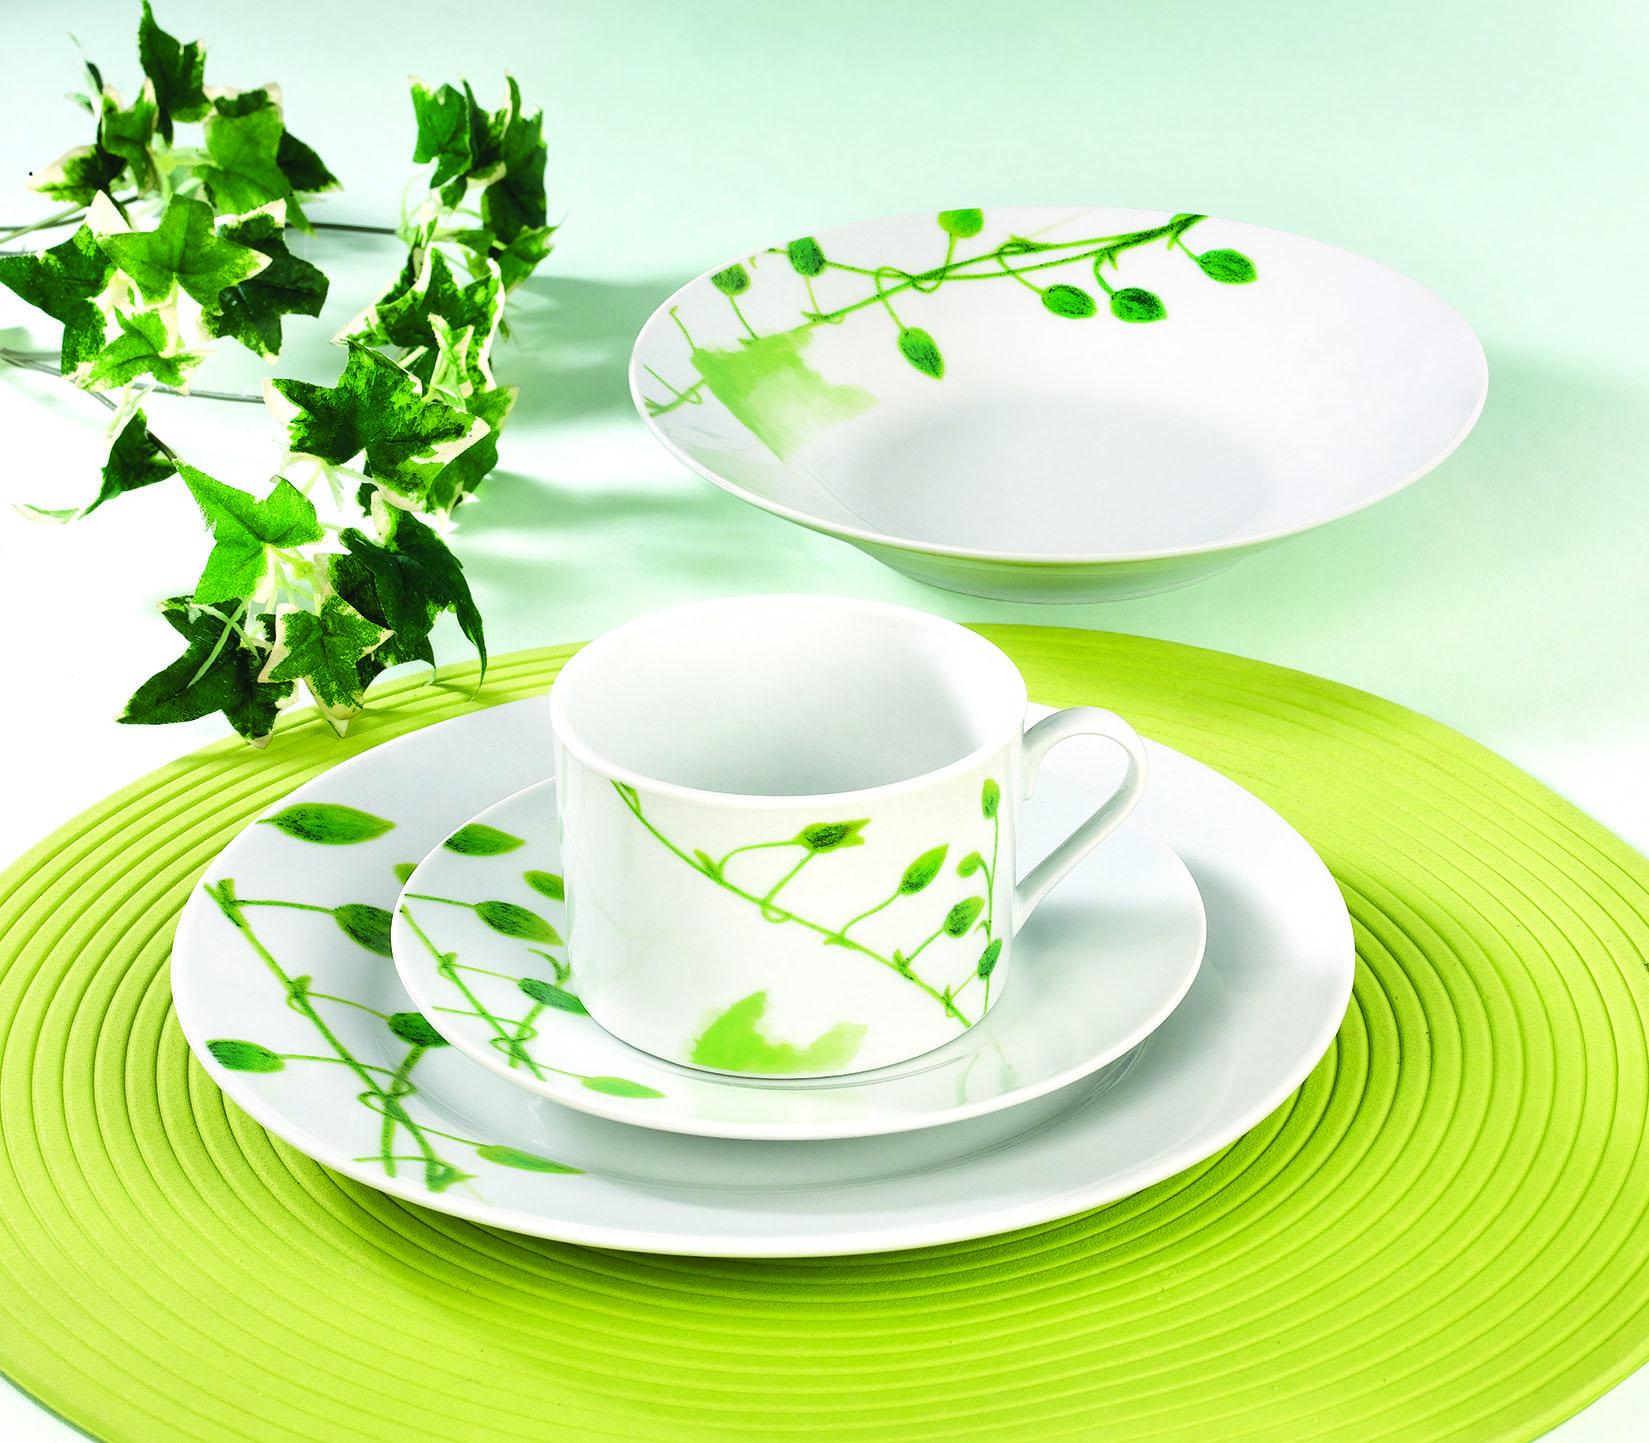 清新小绿叶陶瓷餐具